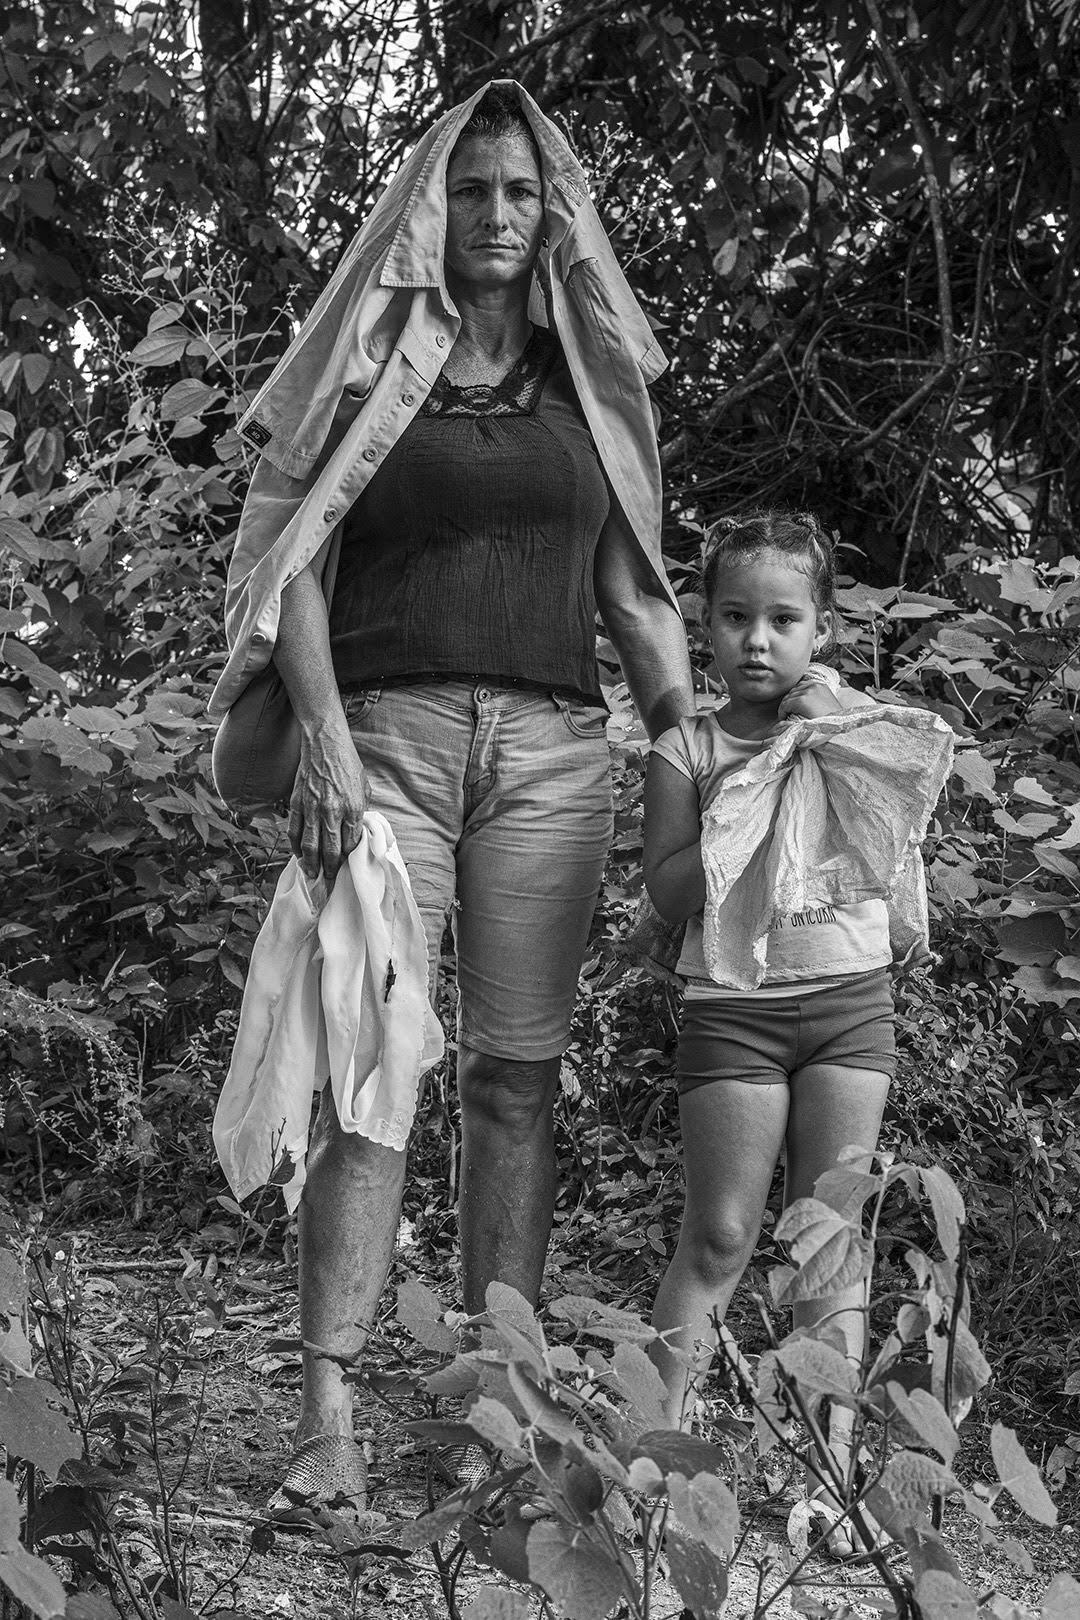 Dos habitantes de Hoyo de Guamá recorren un camino hacia el centro de la comunidad (Foto: Lázaro Lemus).